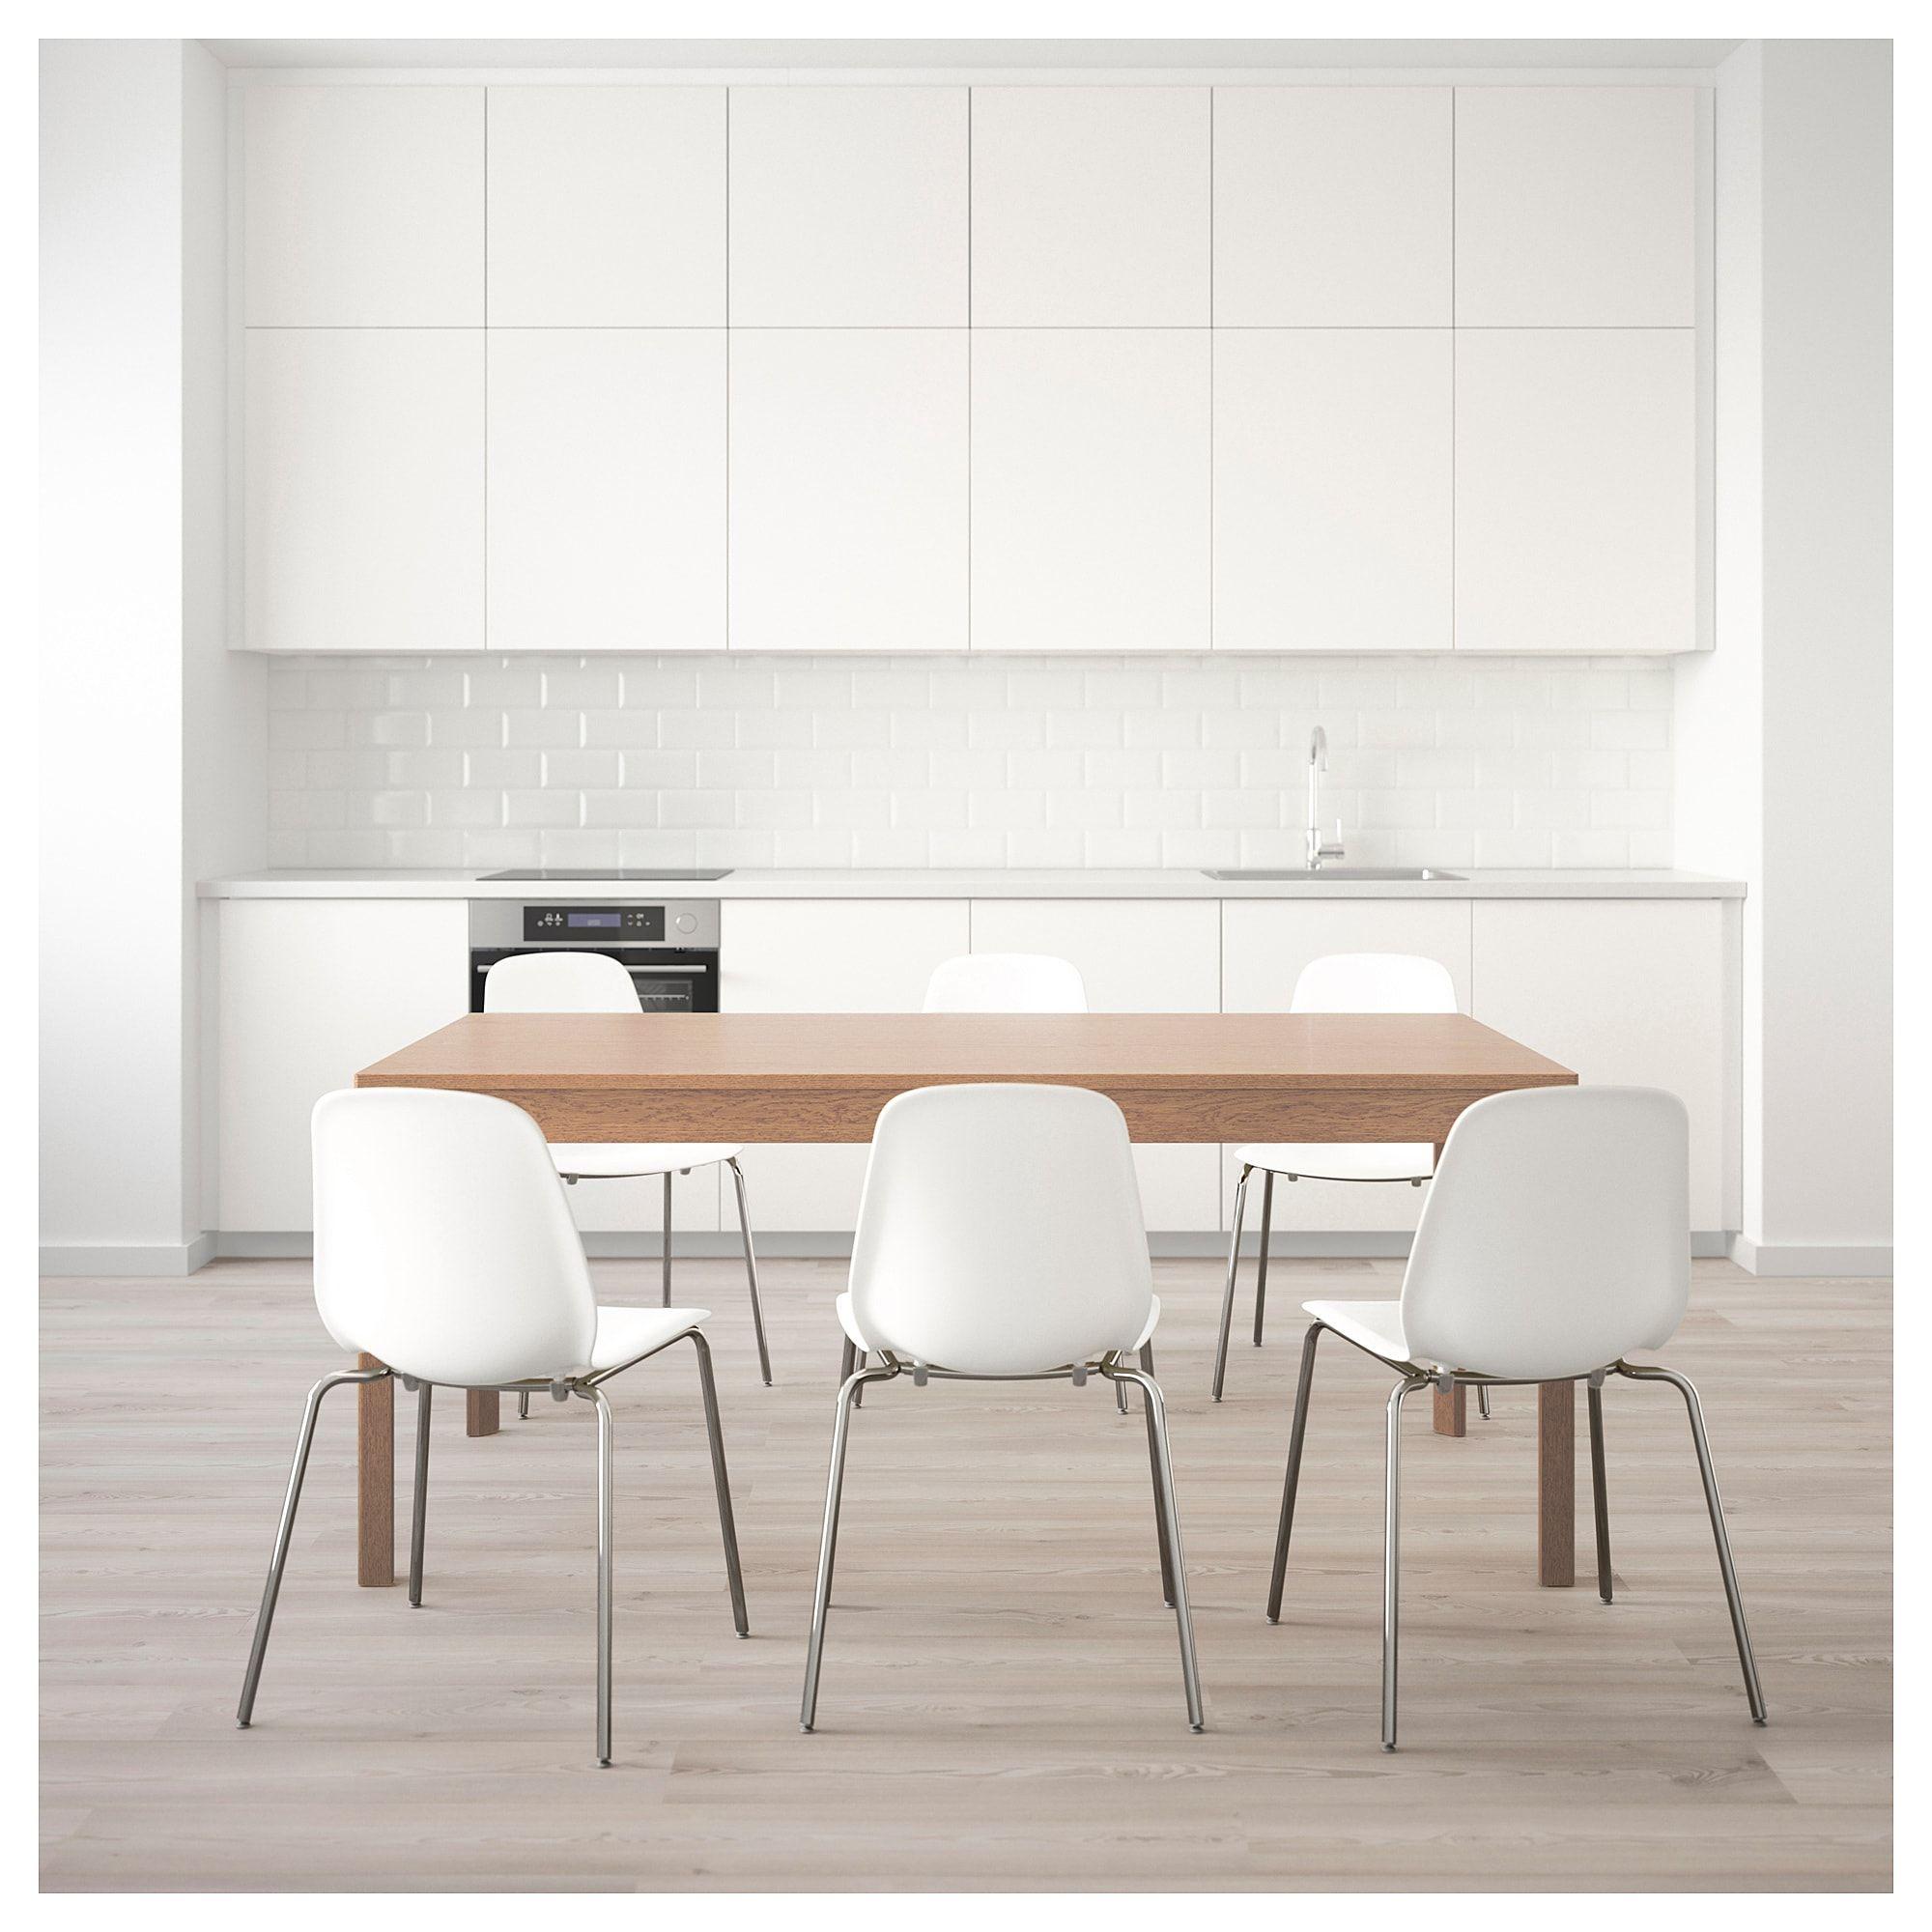 Ekedalen Leifarne Tisch Und 6 Stuhle Eiche Weiss Heute Noch Bestellen Ikea Osterreich Esszimmer Mobel Tisch Stuhl Eiche